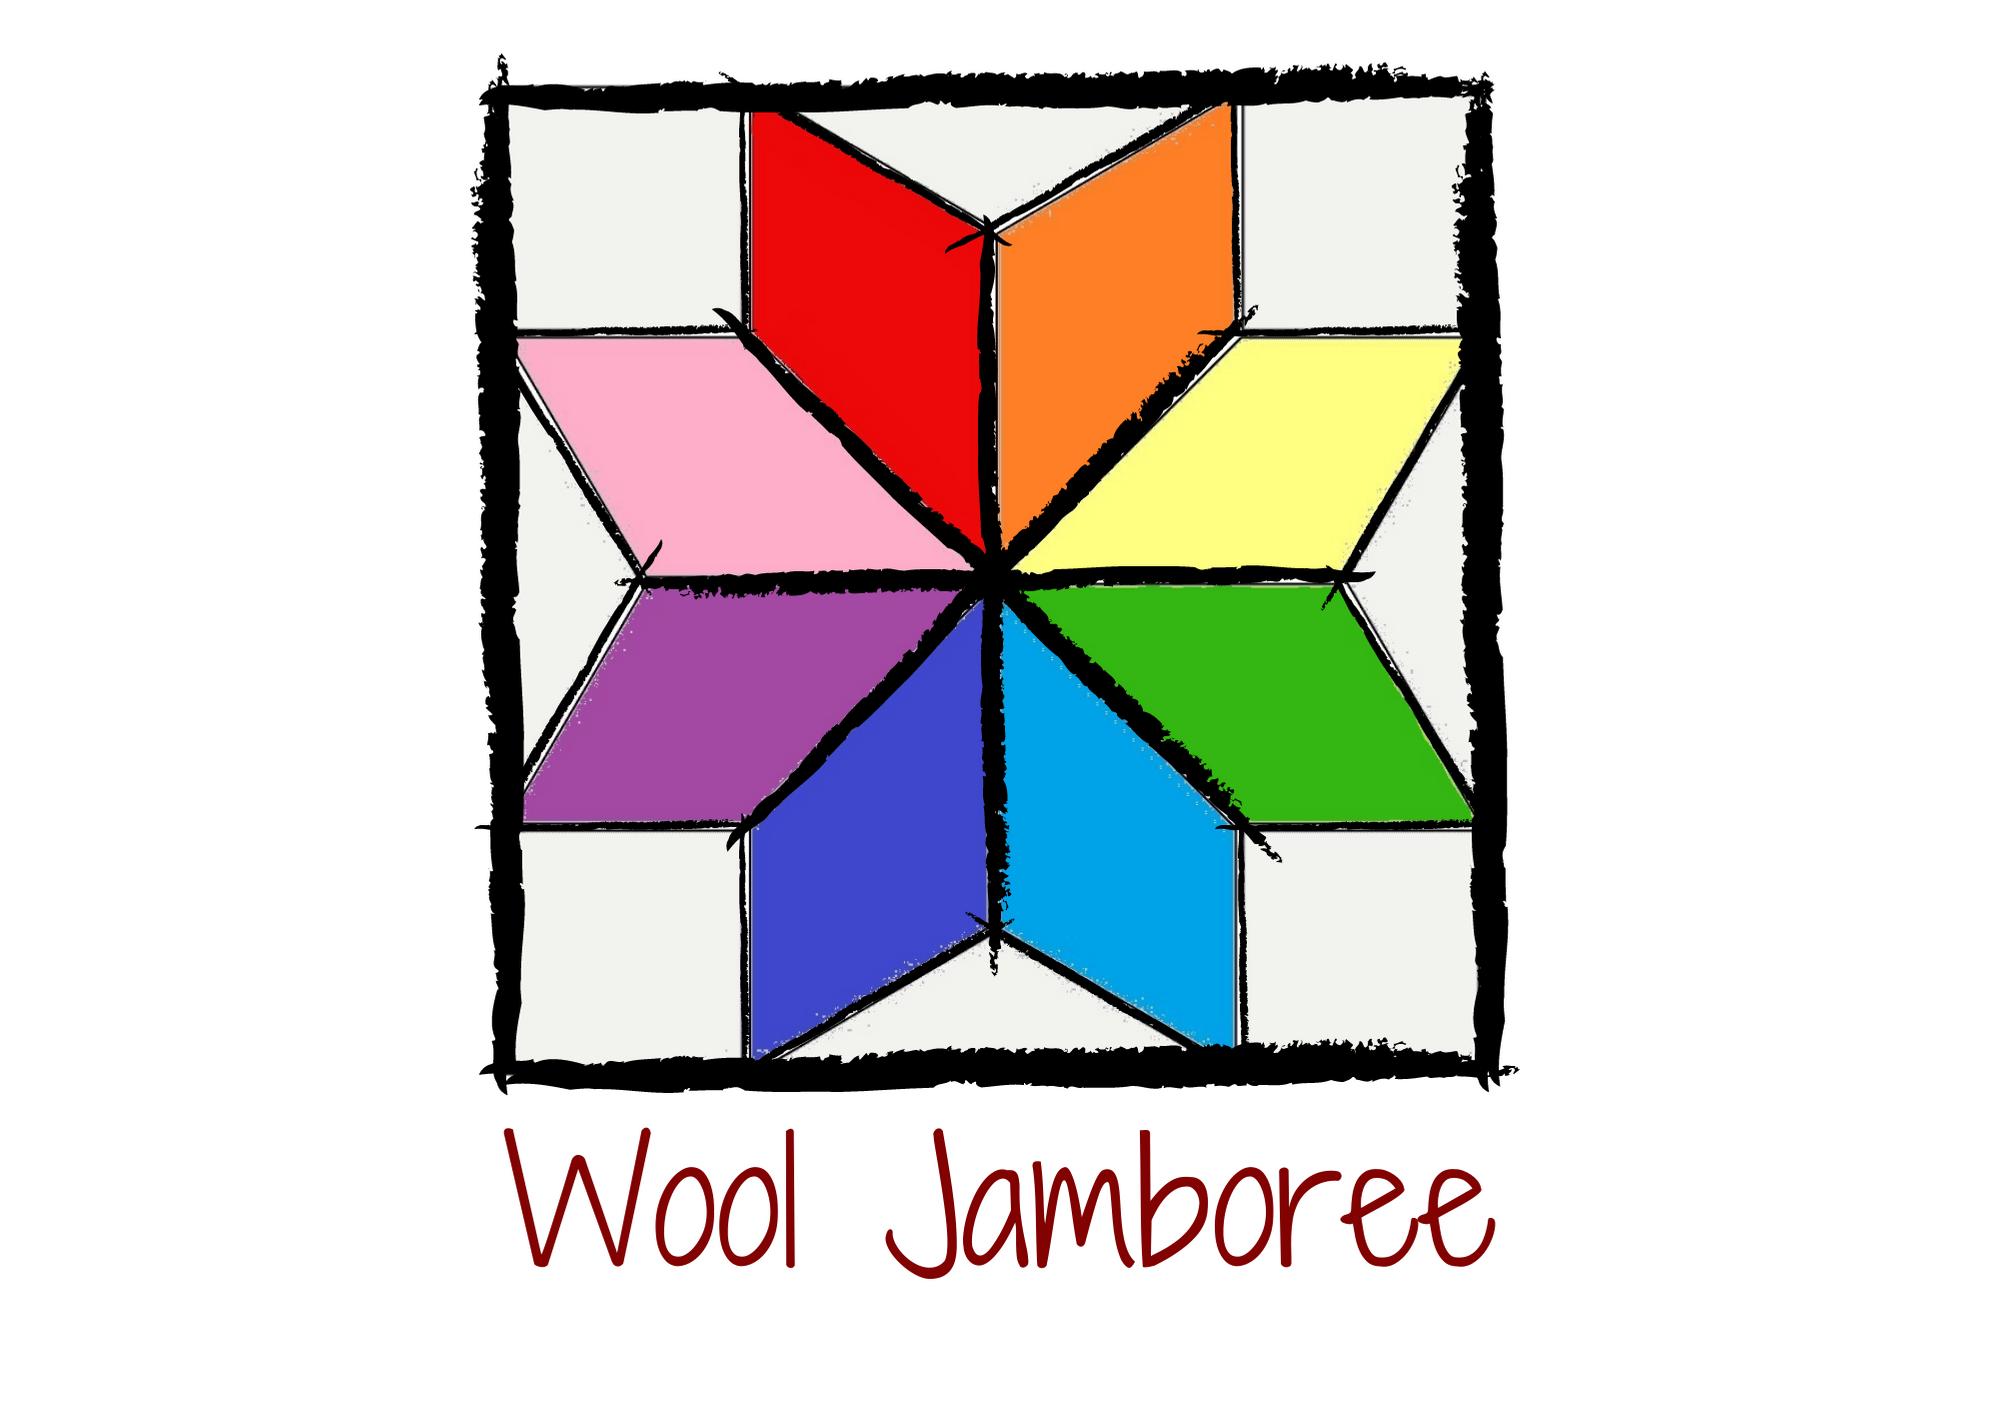 wool jamboree logo